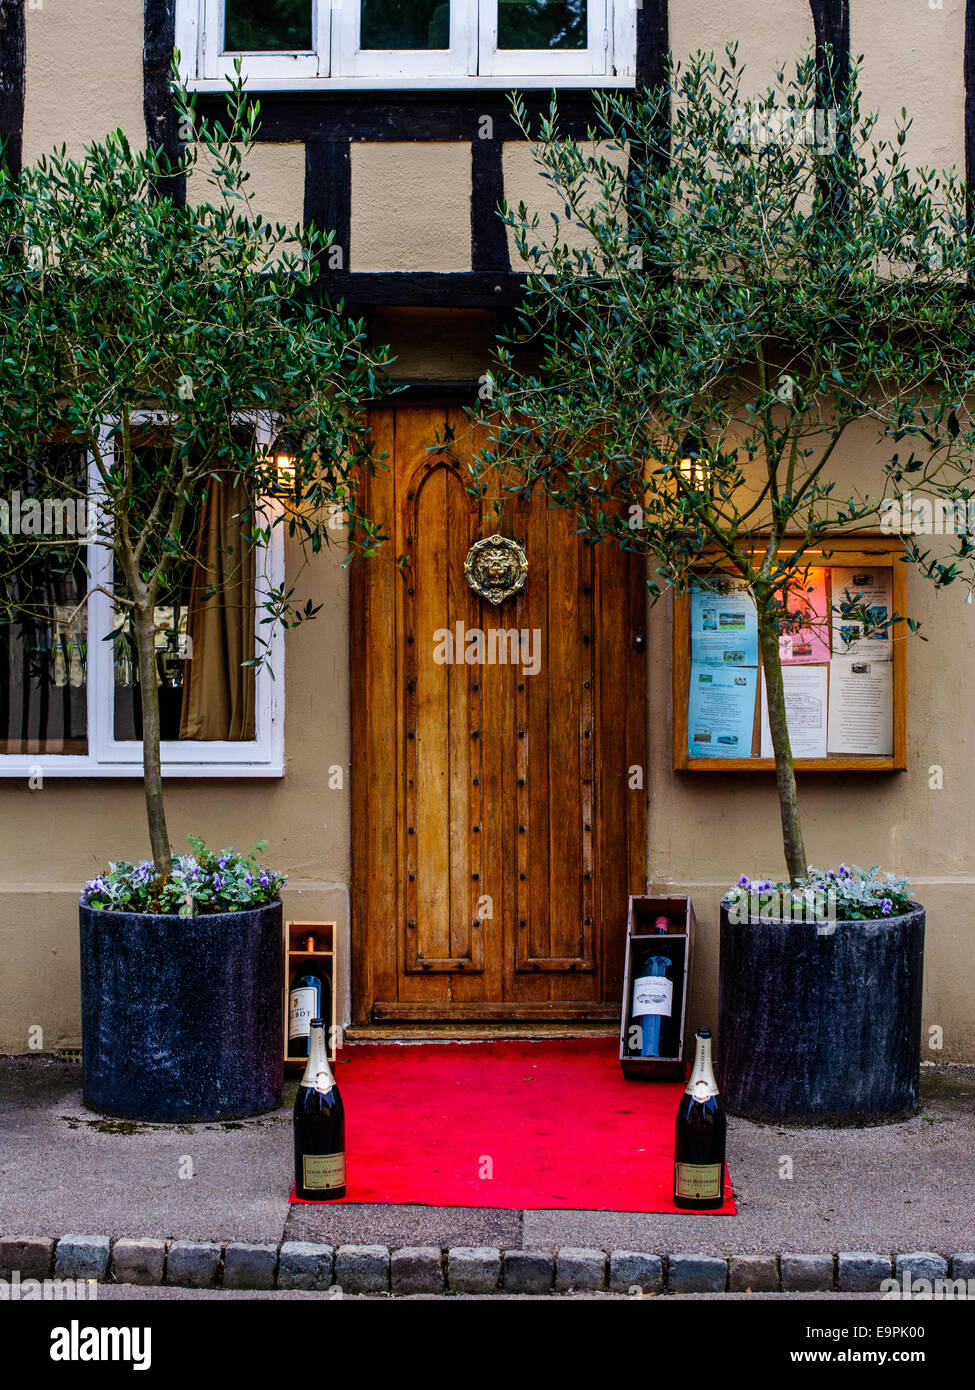 Vordere Holztür von nettes Restaurant mit roten Teppich Champagne-Flaschen. Essex Stockbild